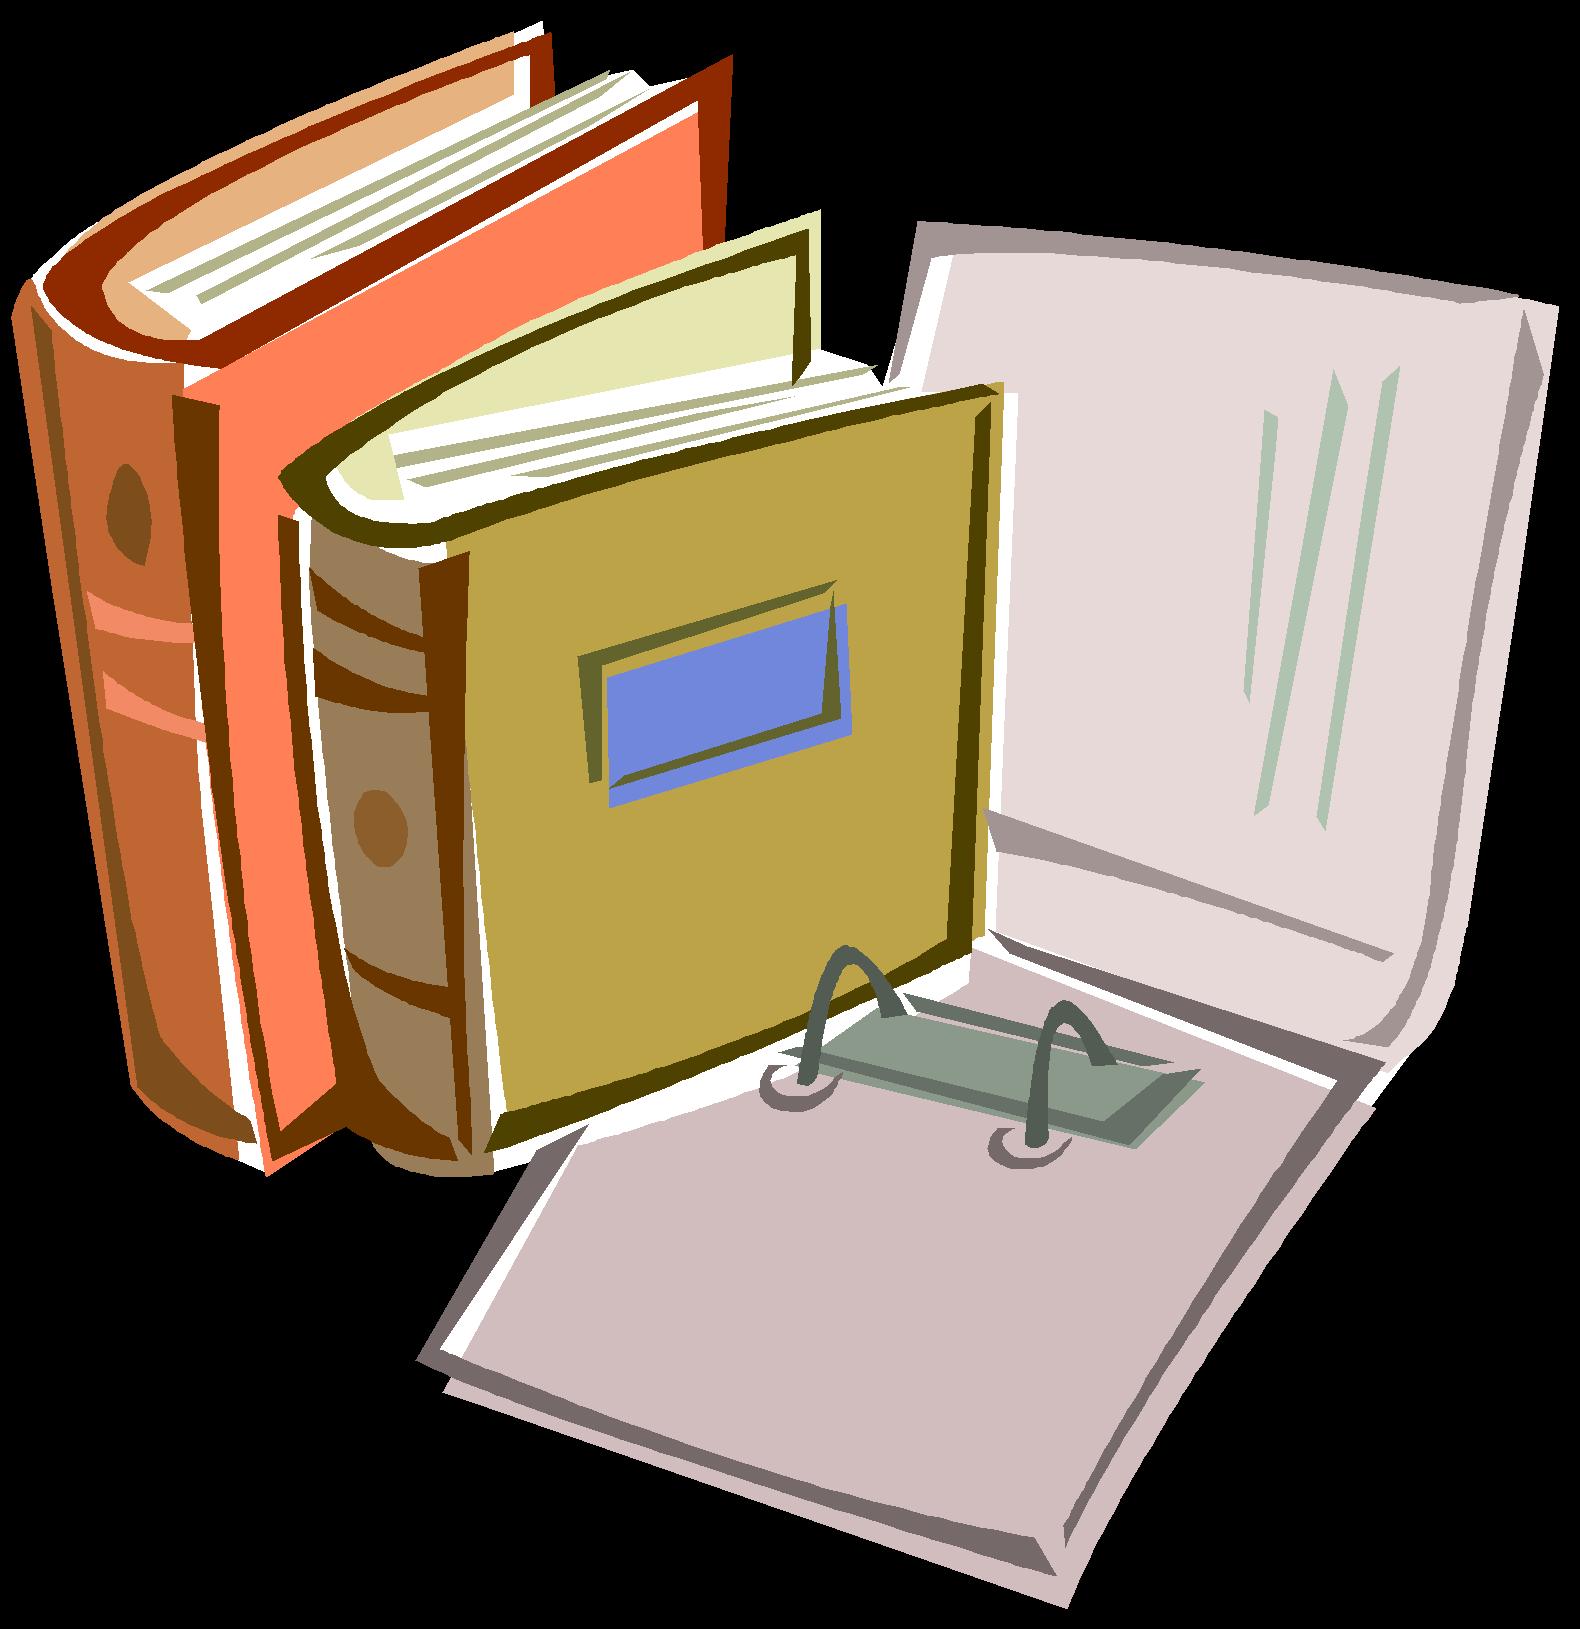 C:\Documents and Settings\Админ\Мои документы\Мои рисунки\back.to.school.gif